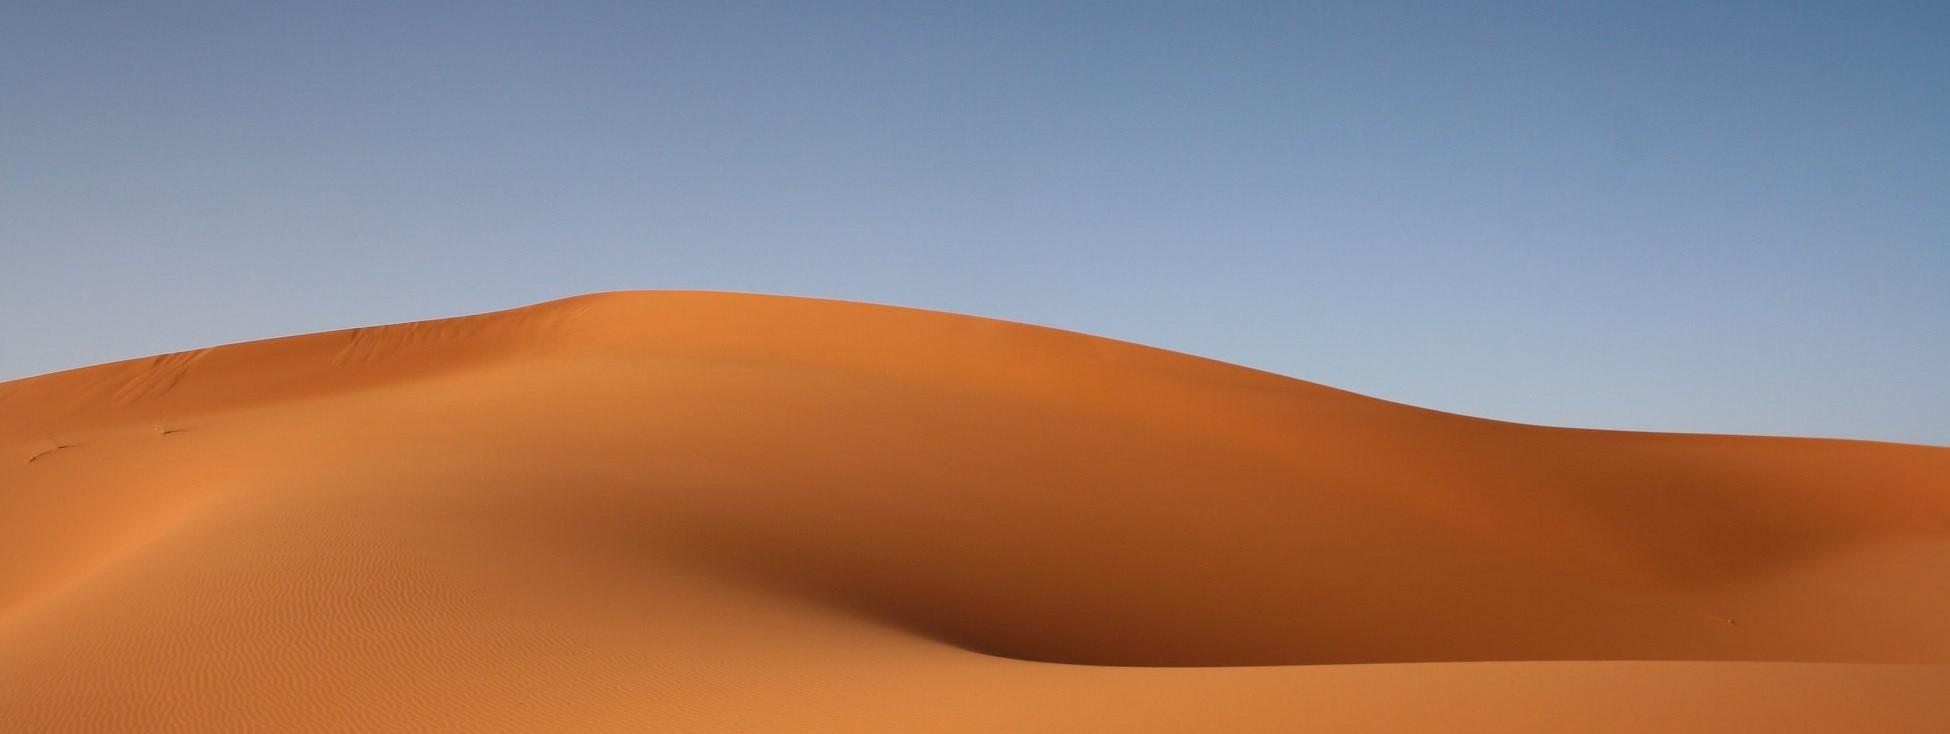 Overleeft GalanNXT in de woestijn?